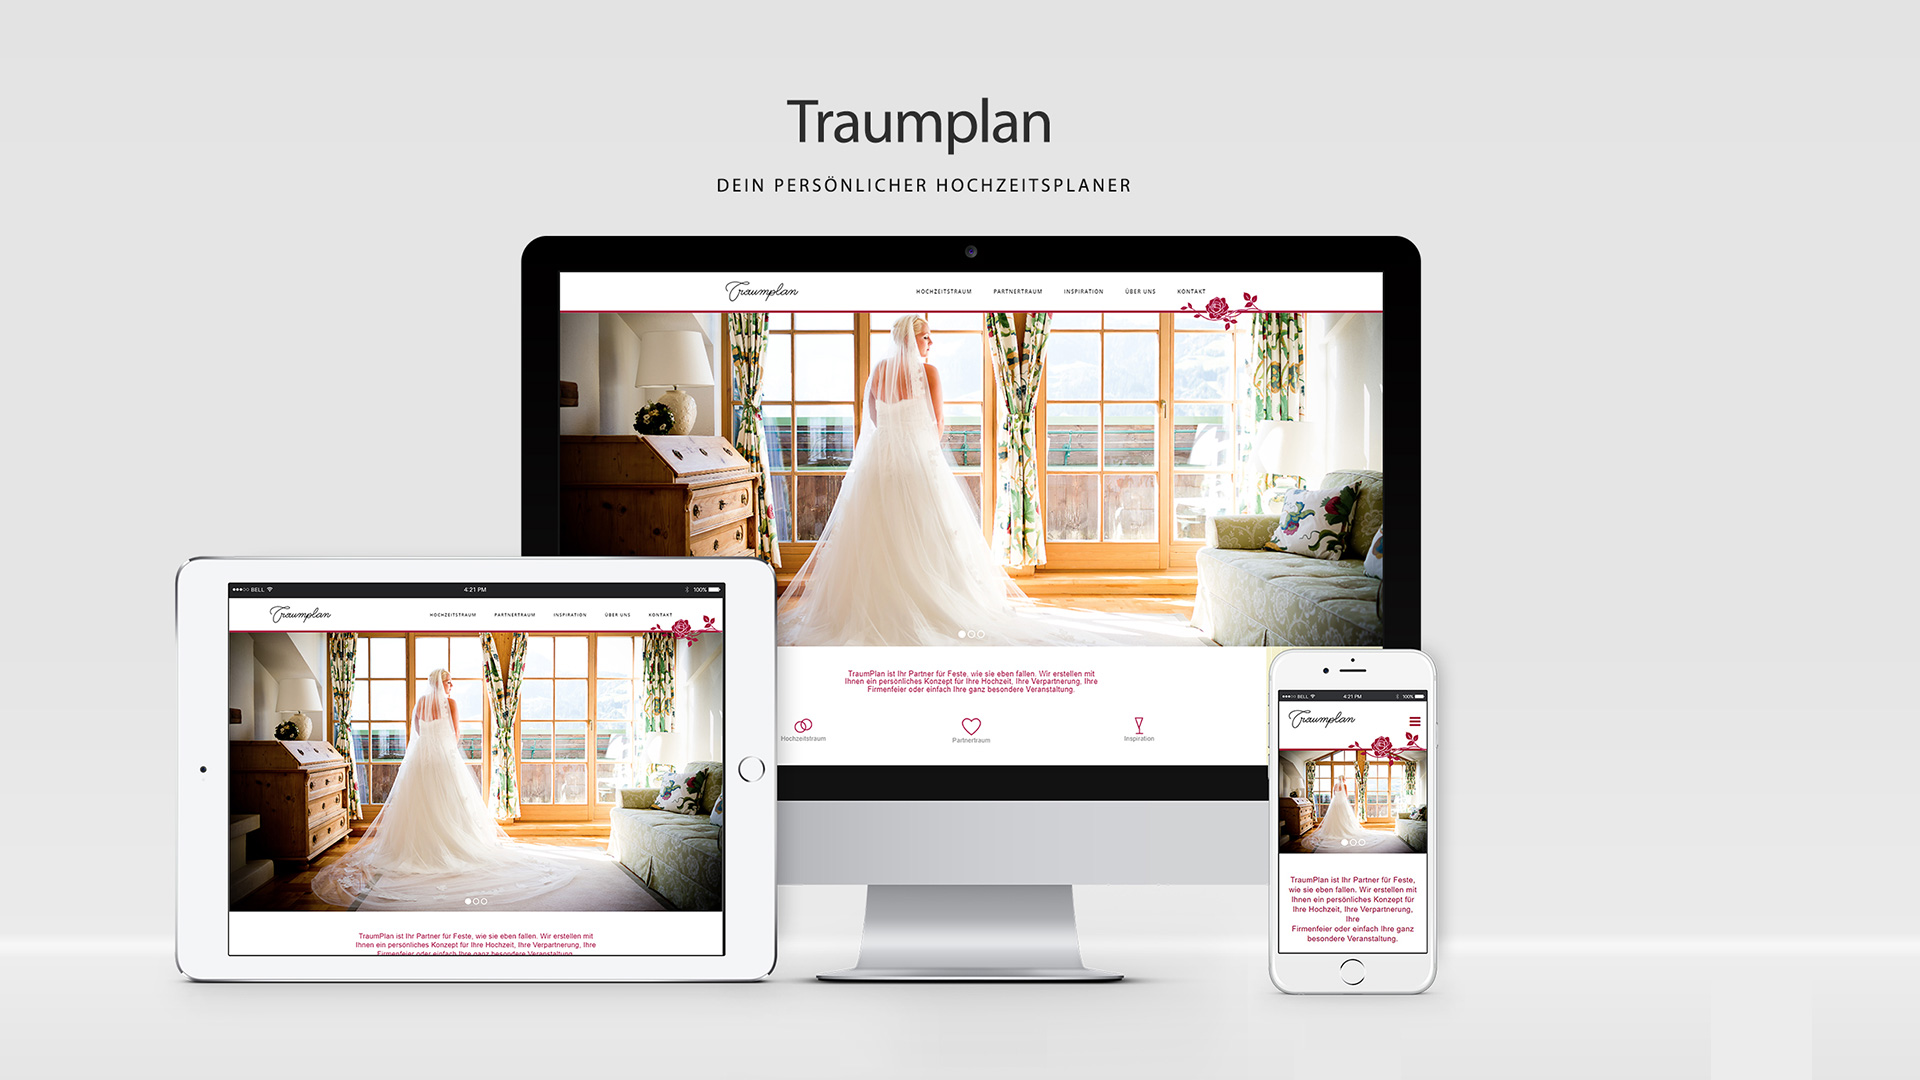 WordPress Webdesign Redesign für Traumplan